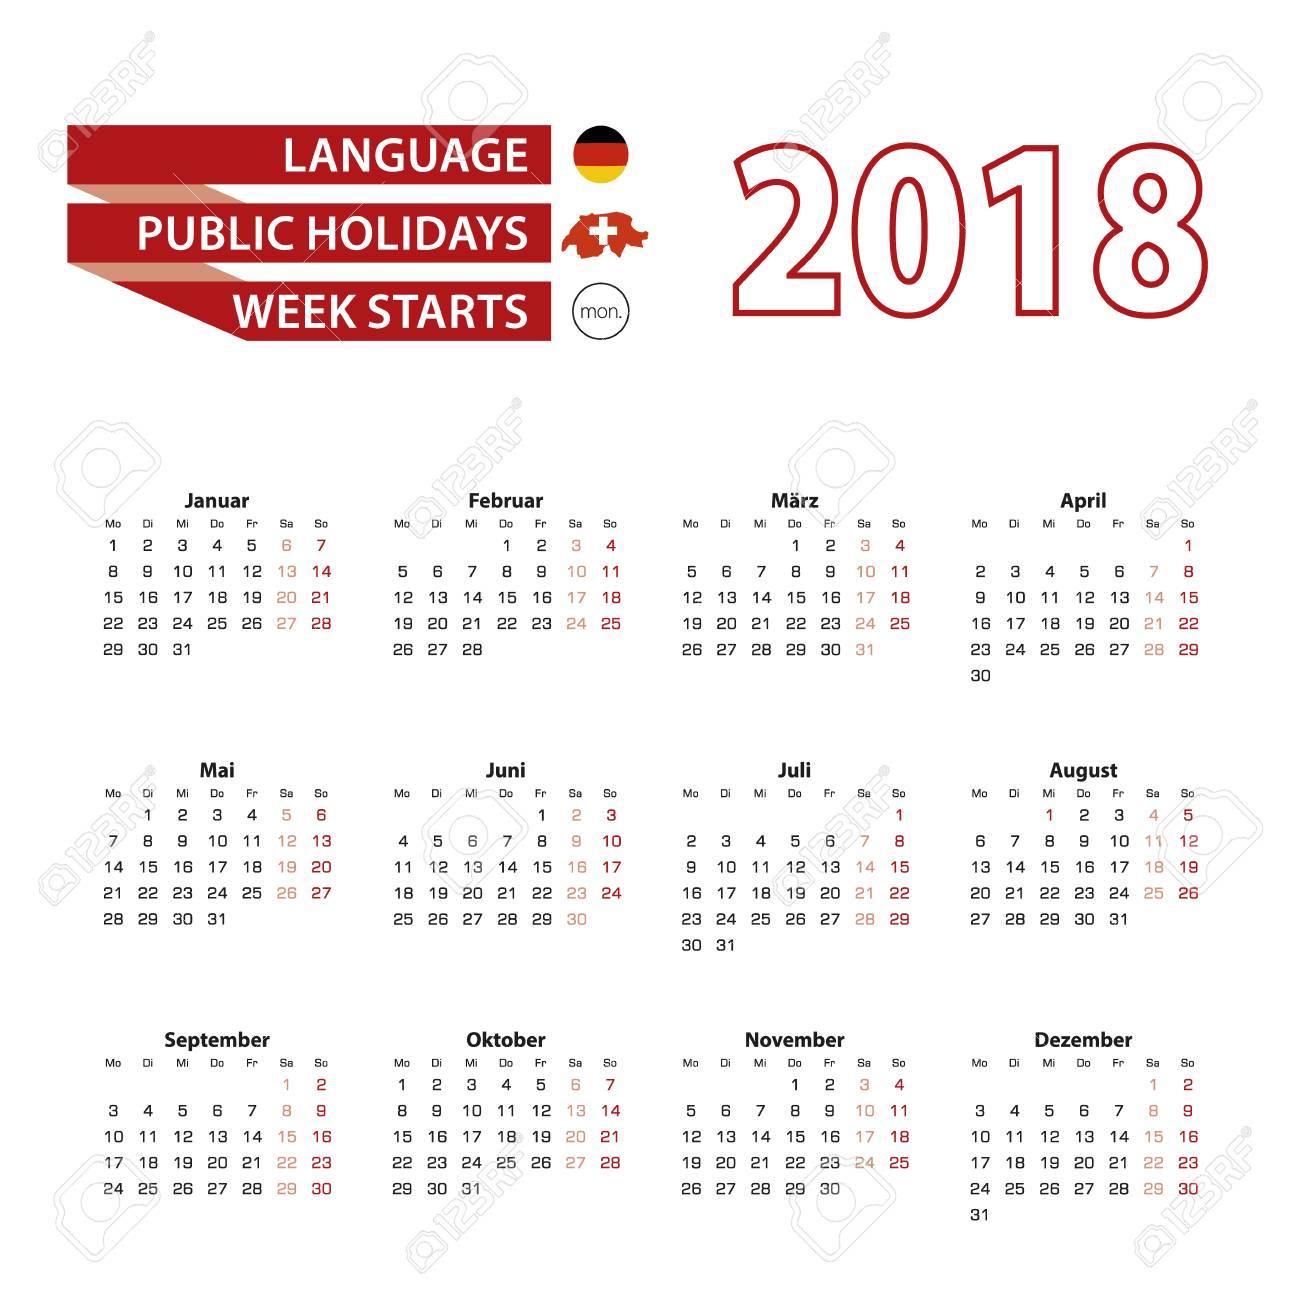 Calendario Svizzero.Calendario 2018 In Lingua Tedesca Con Le Festivita Nazionali Della Svizzera Nell Anno 2018 La Settimana Inizia Da Lunedi Illustrazione Vettoriale